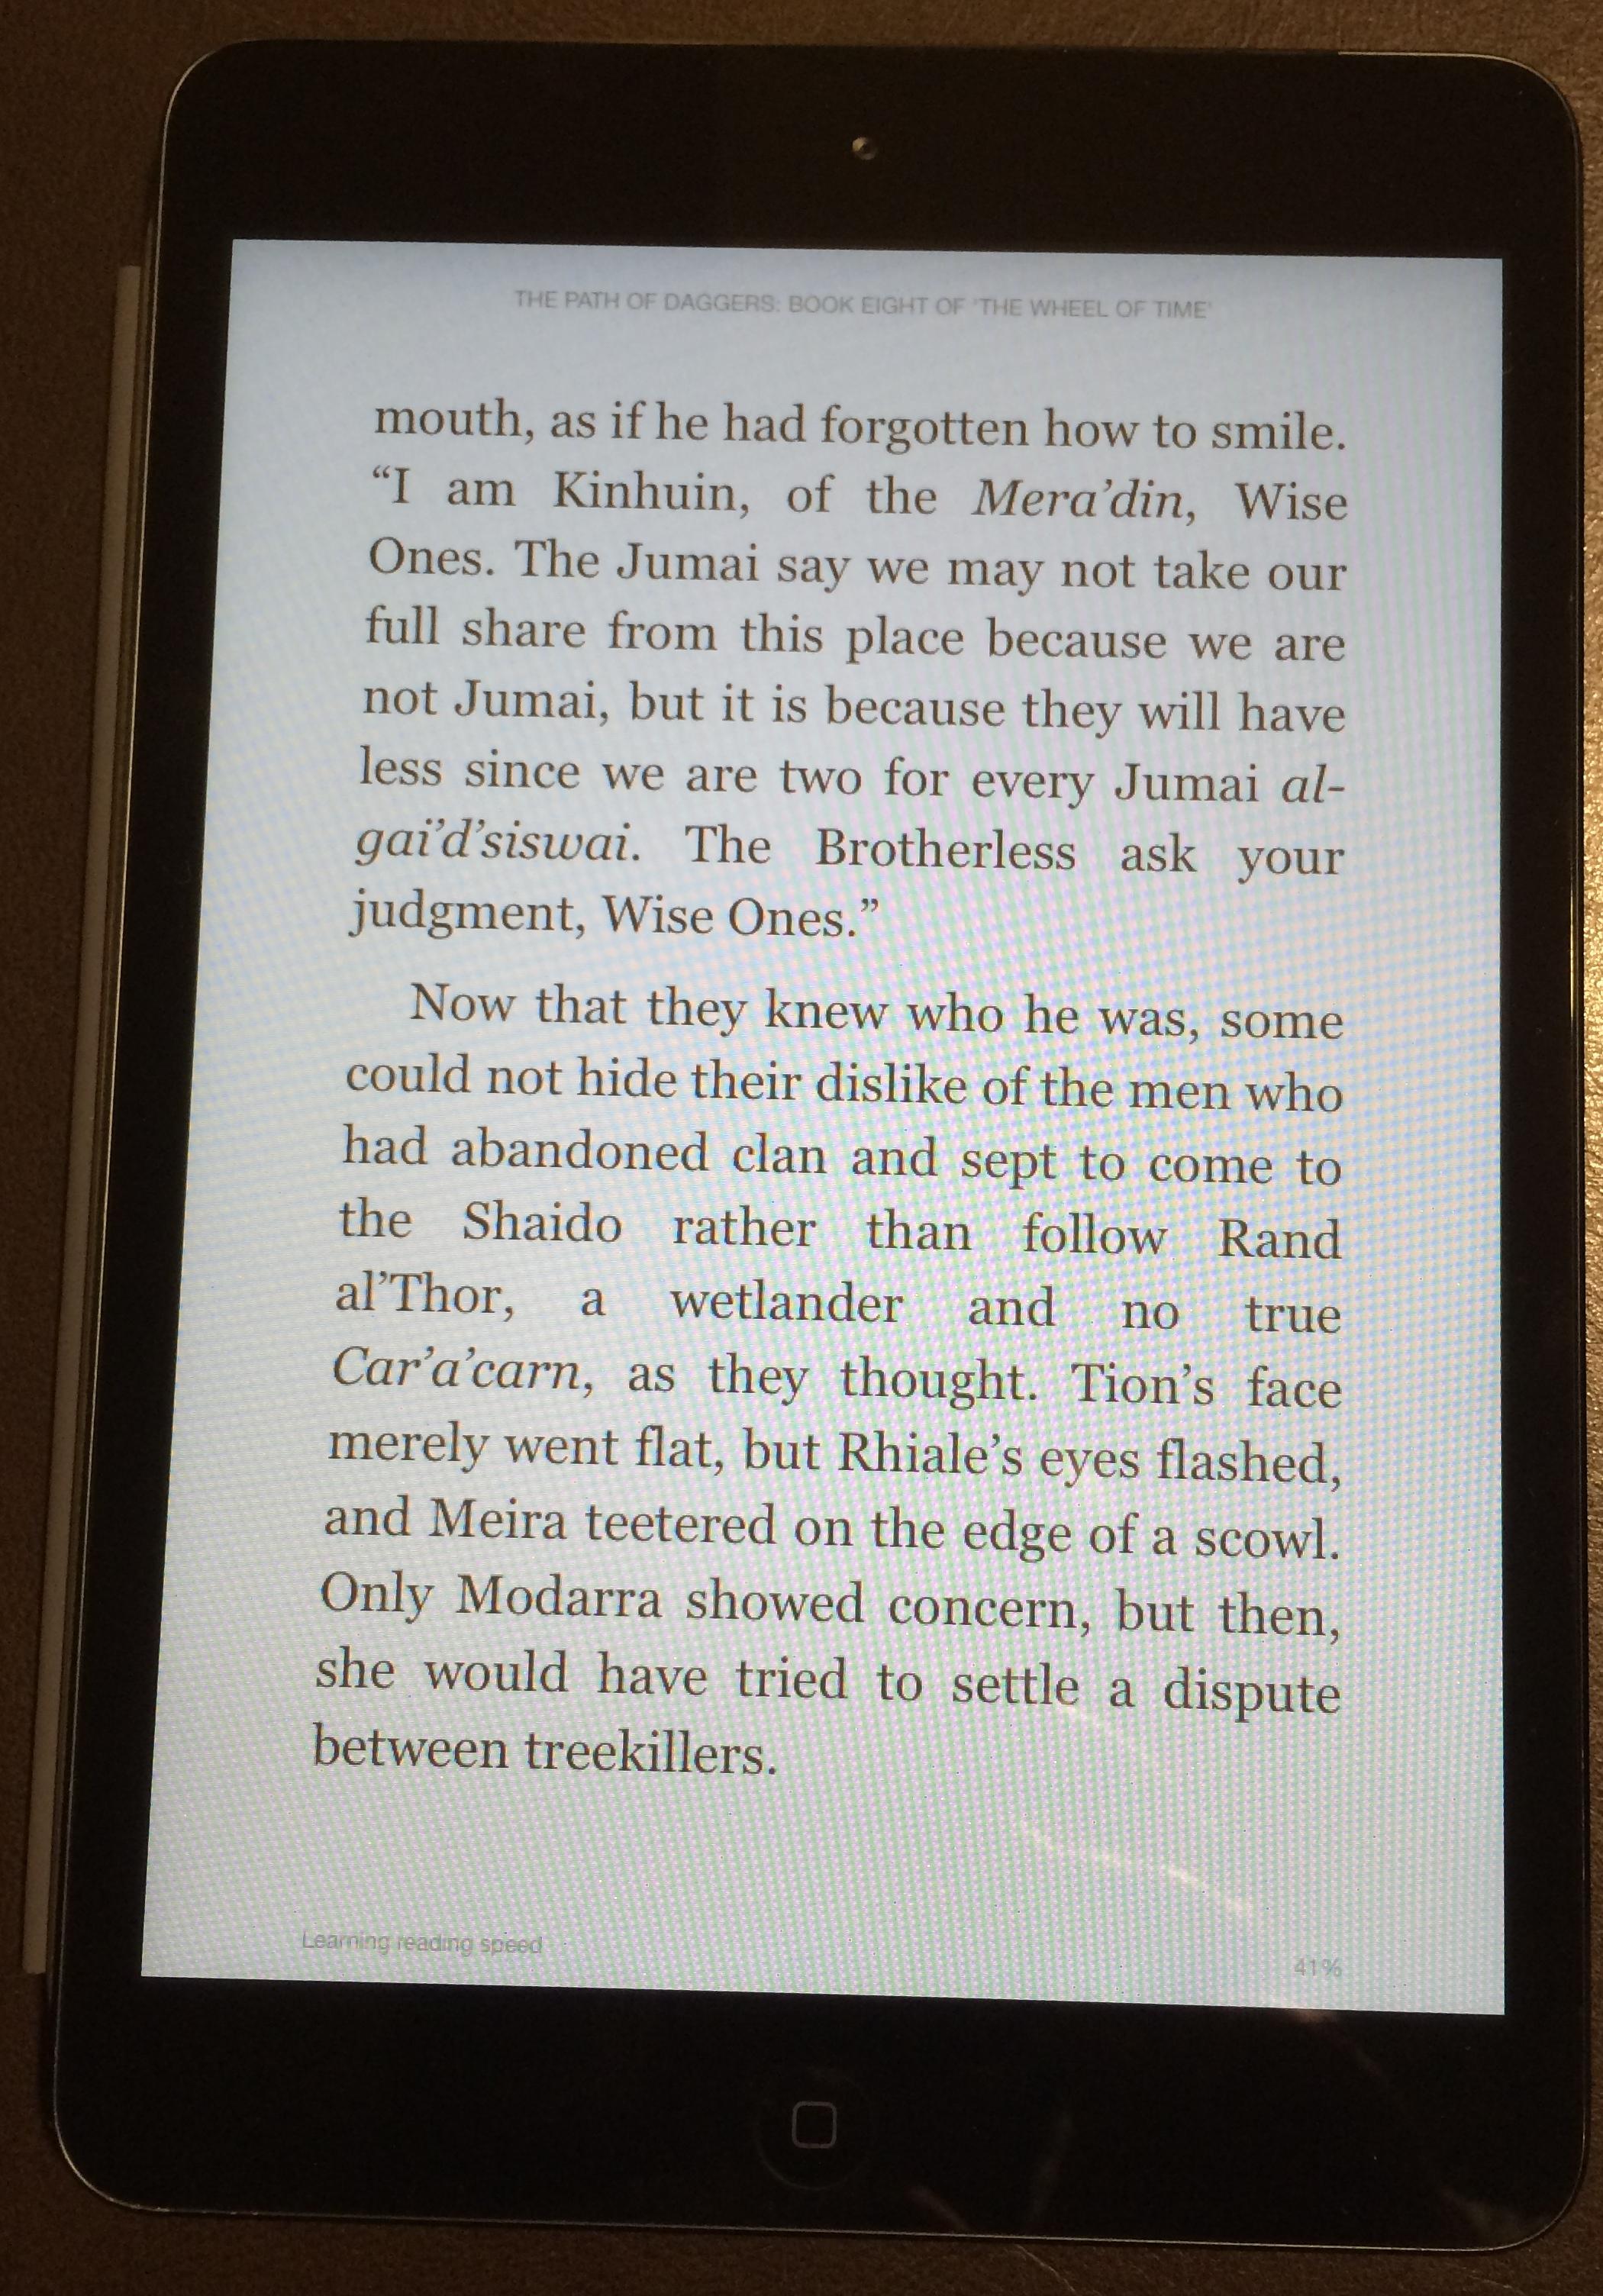 iPad mini, Kindle app